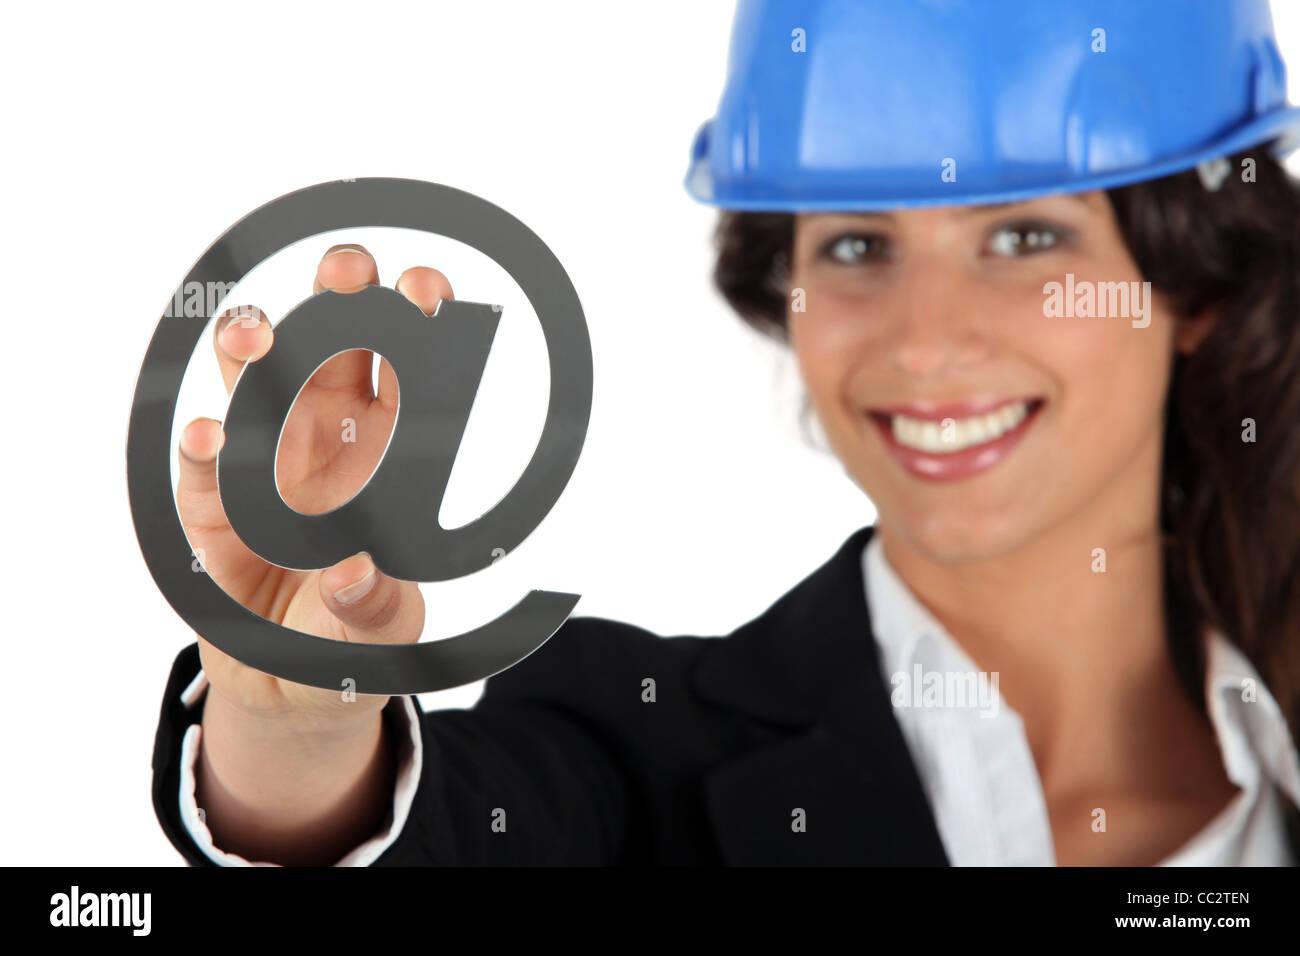 Female architect holding at symbol - Stock Image